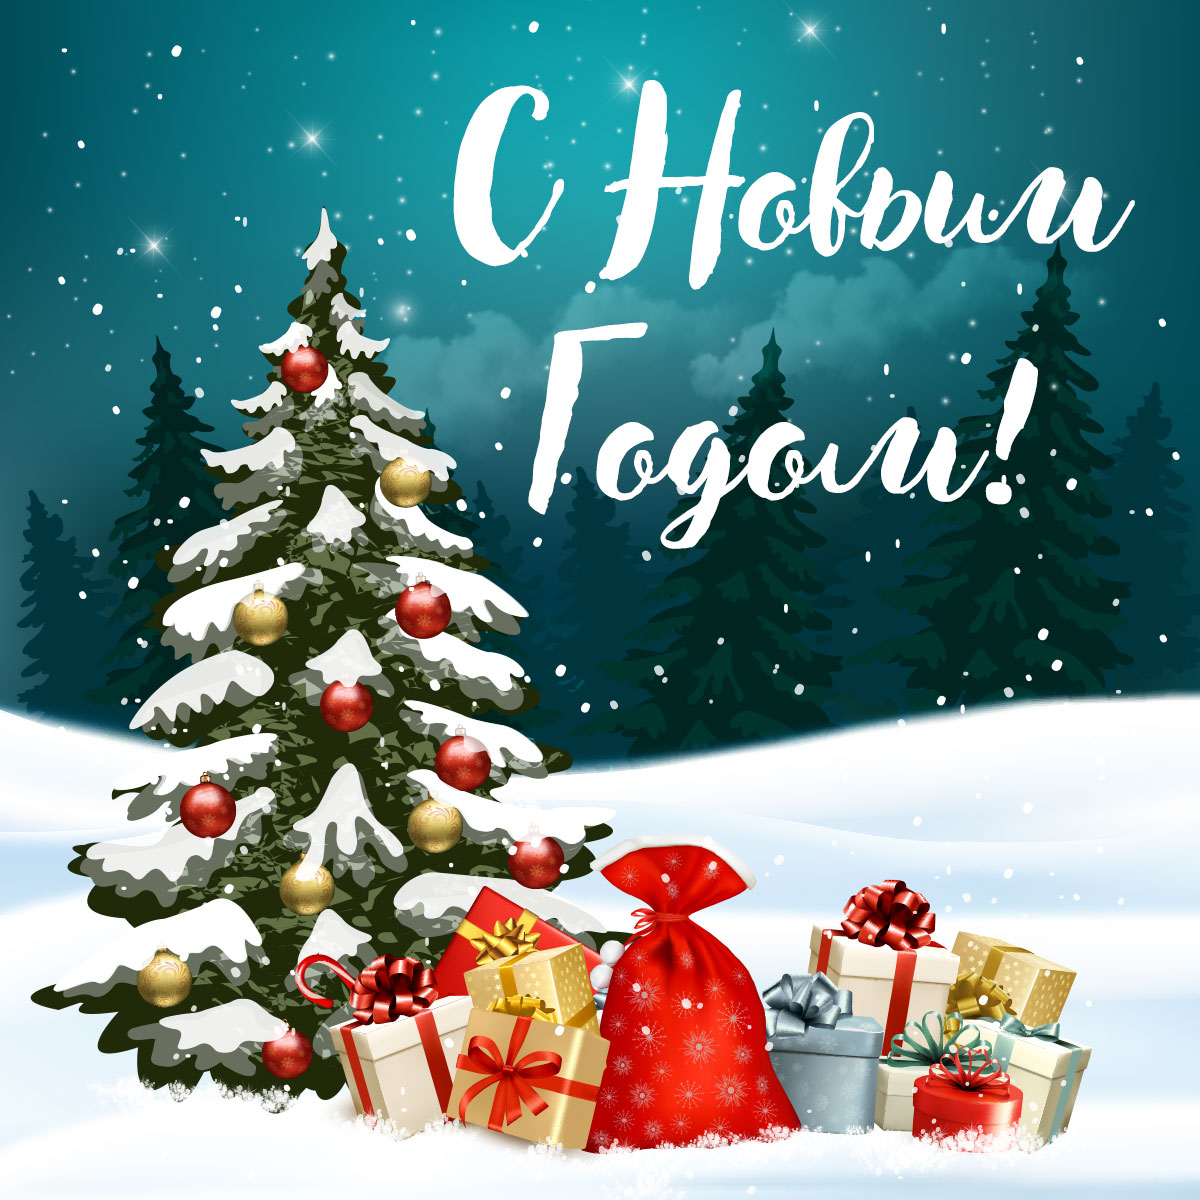 Картинка под старые новогодние открытки 70 х годов с украшенной ёлкой в зимнем лесу, рождественскими шарами на ветках и подарками.